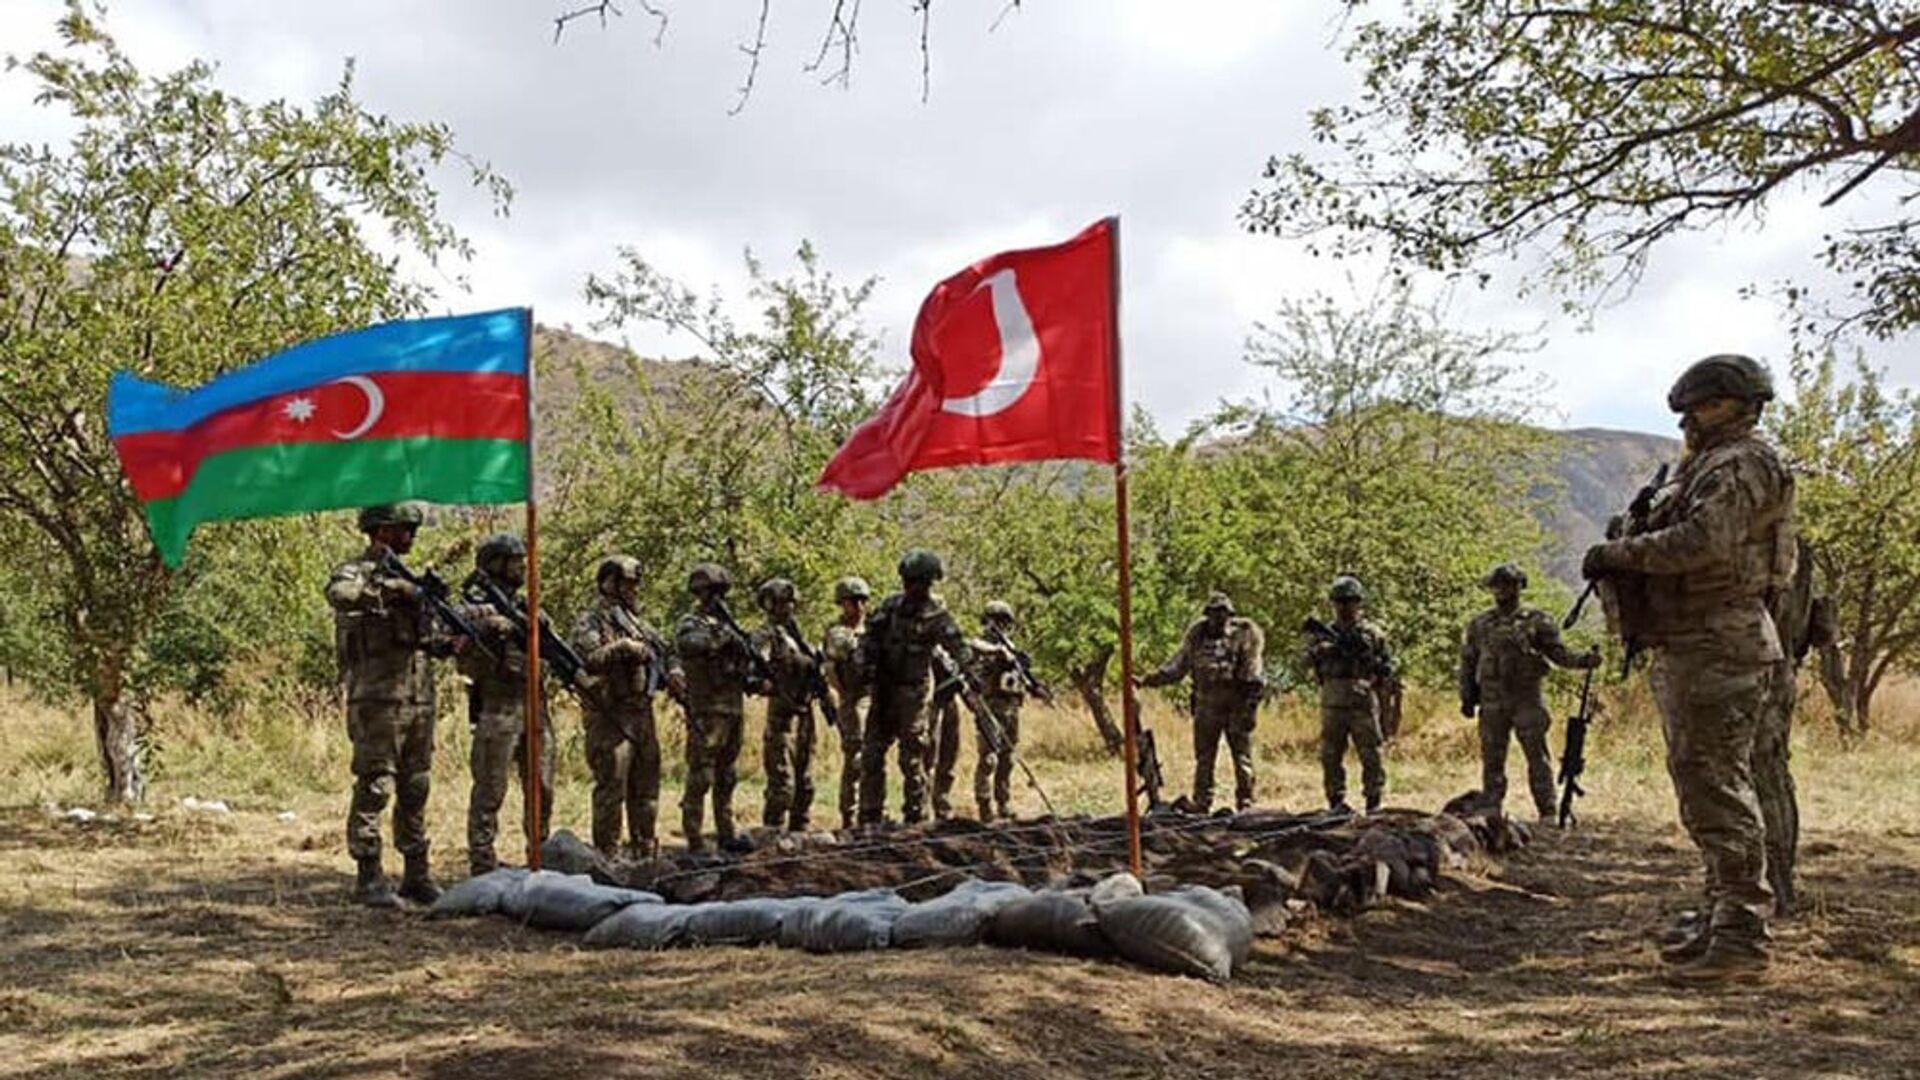 Первые военные учения Турции и Азербайджана в Карабахе - Sputnik Армения, 1920, 20.09.2021